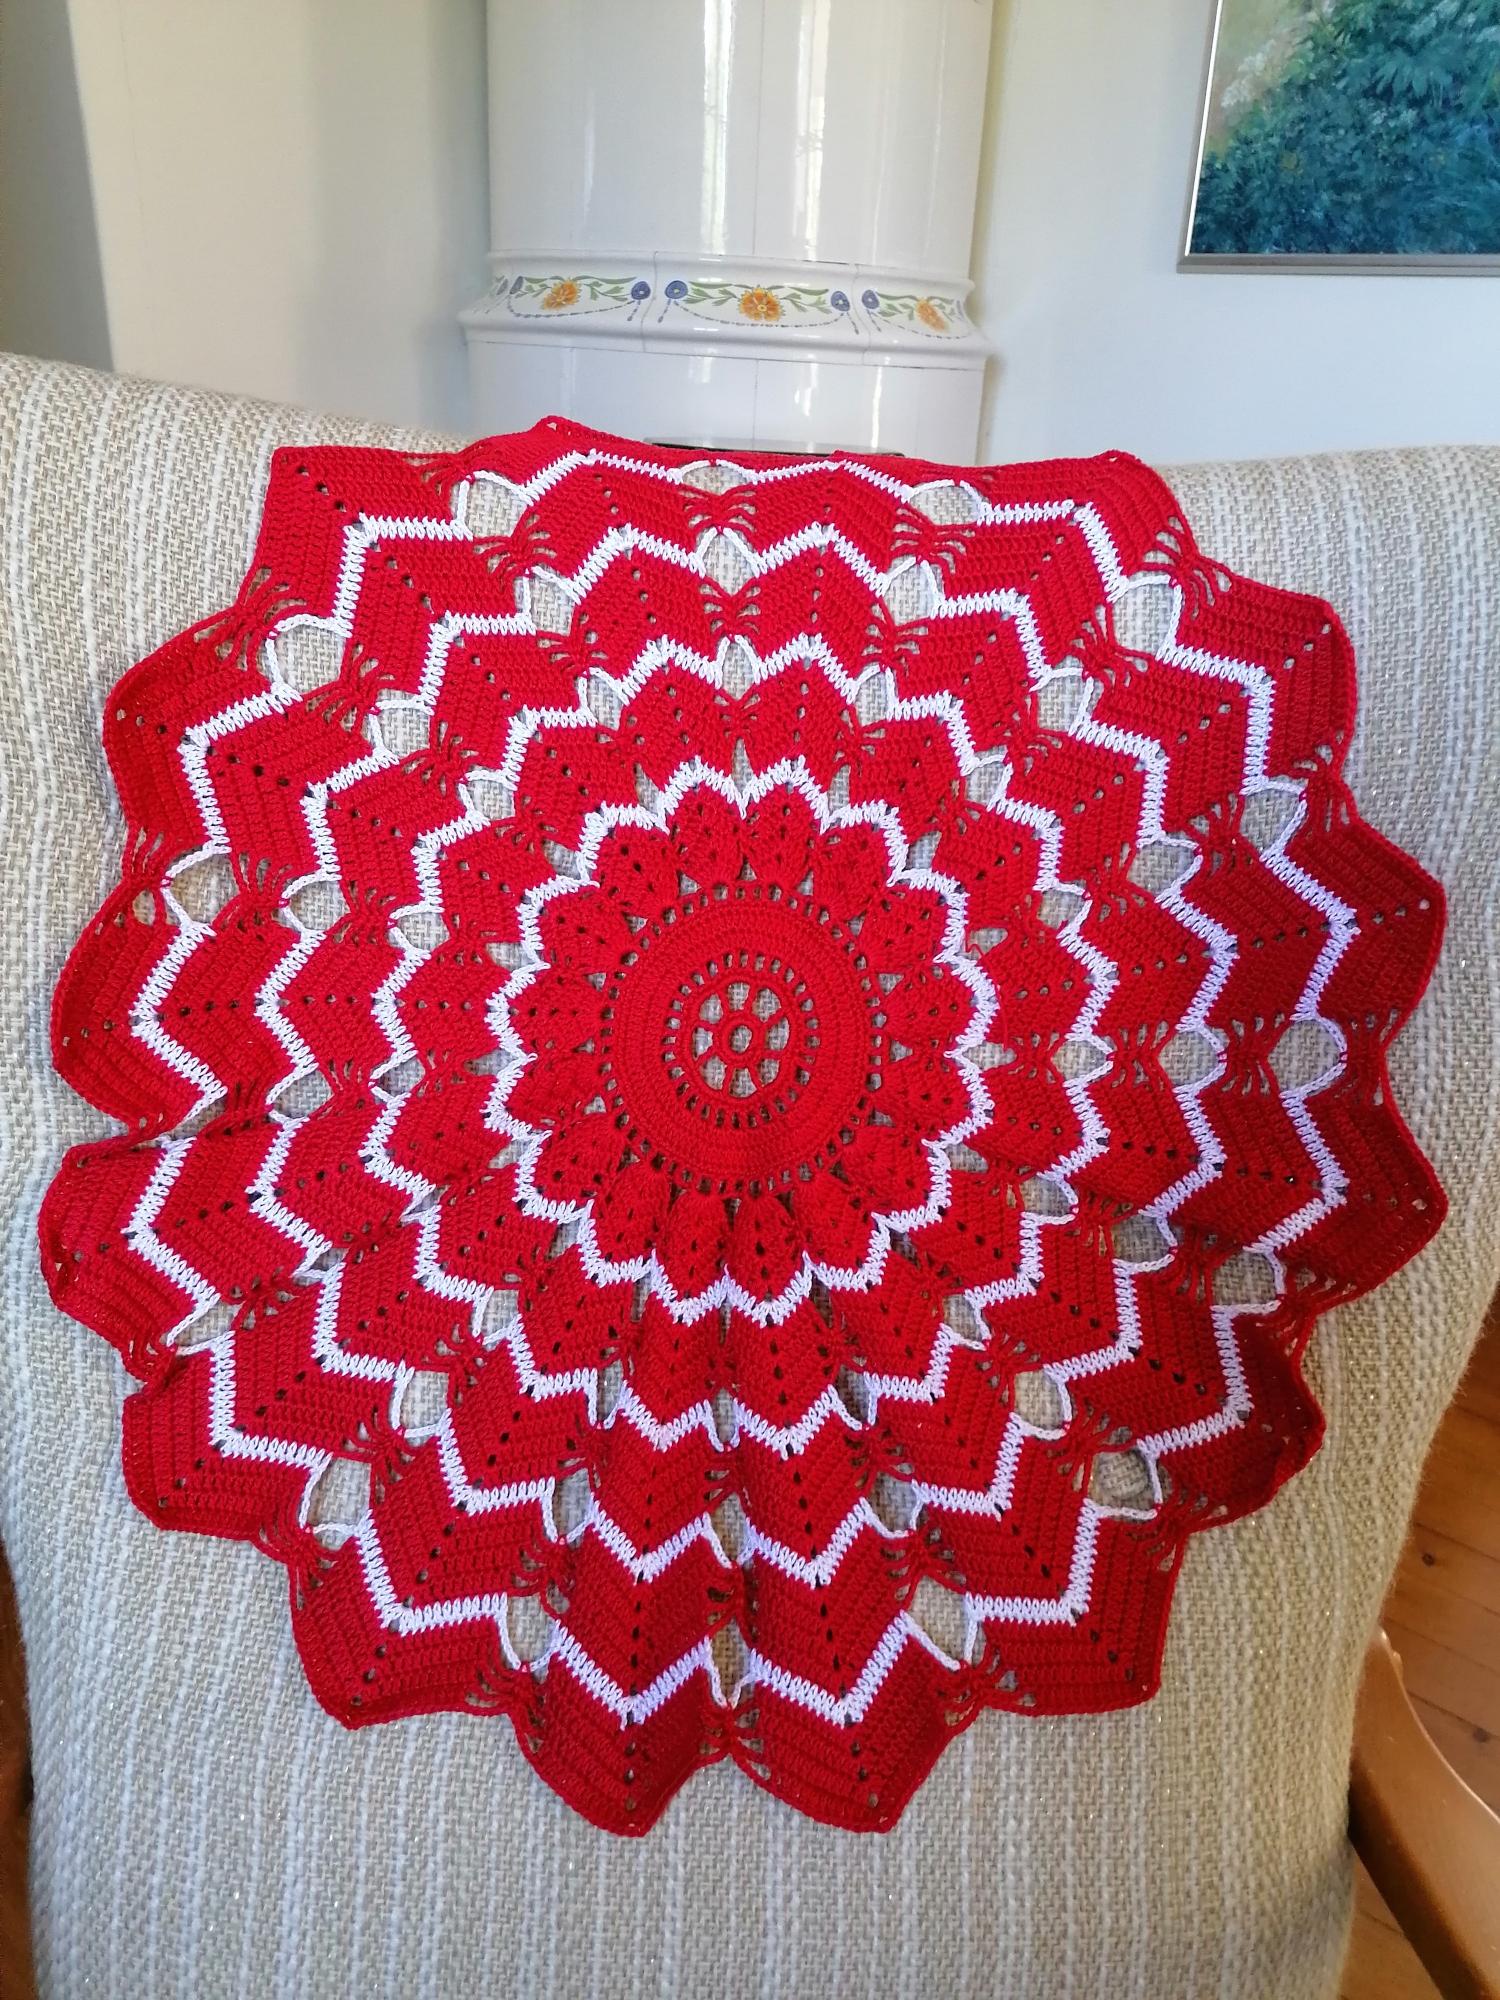 Virkad duk i rött och vitt  60 cm